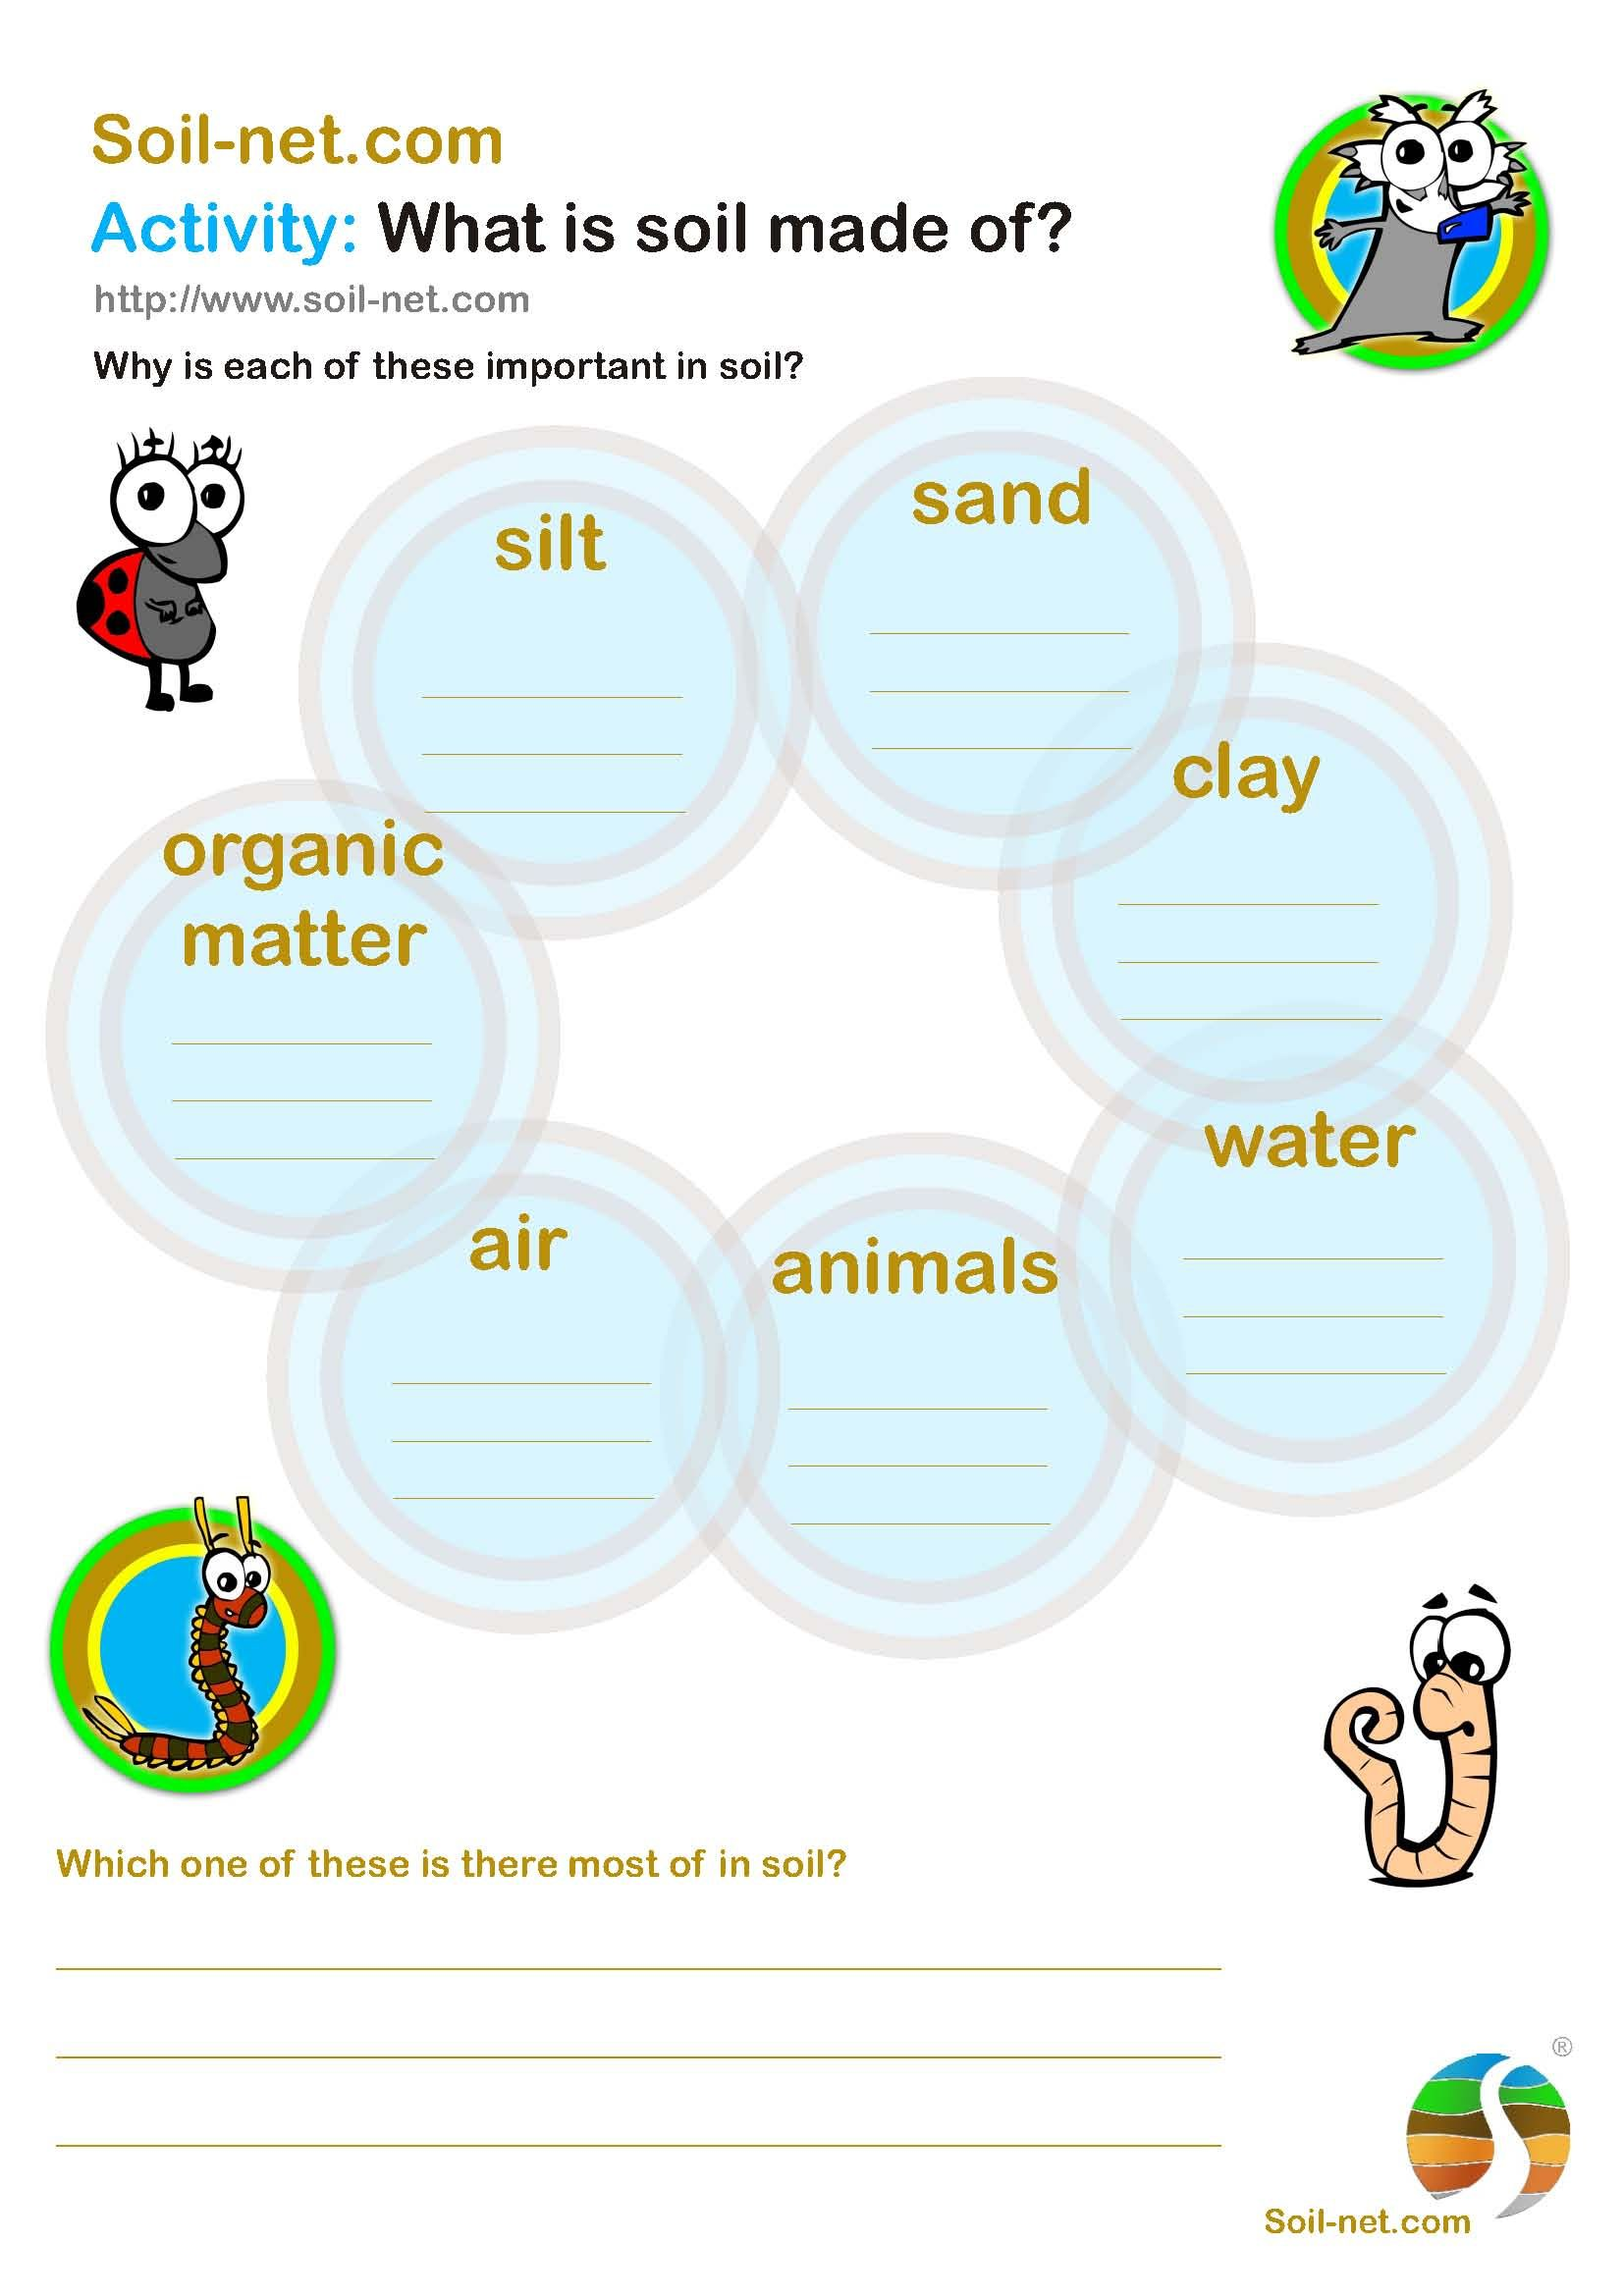 medium resolution of Soil-Net.com - Activity sheets   Science worksheets